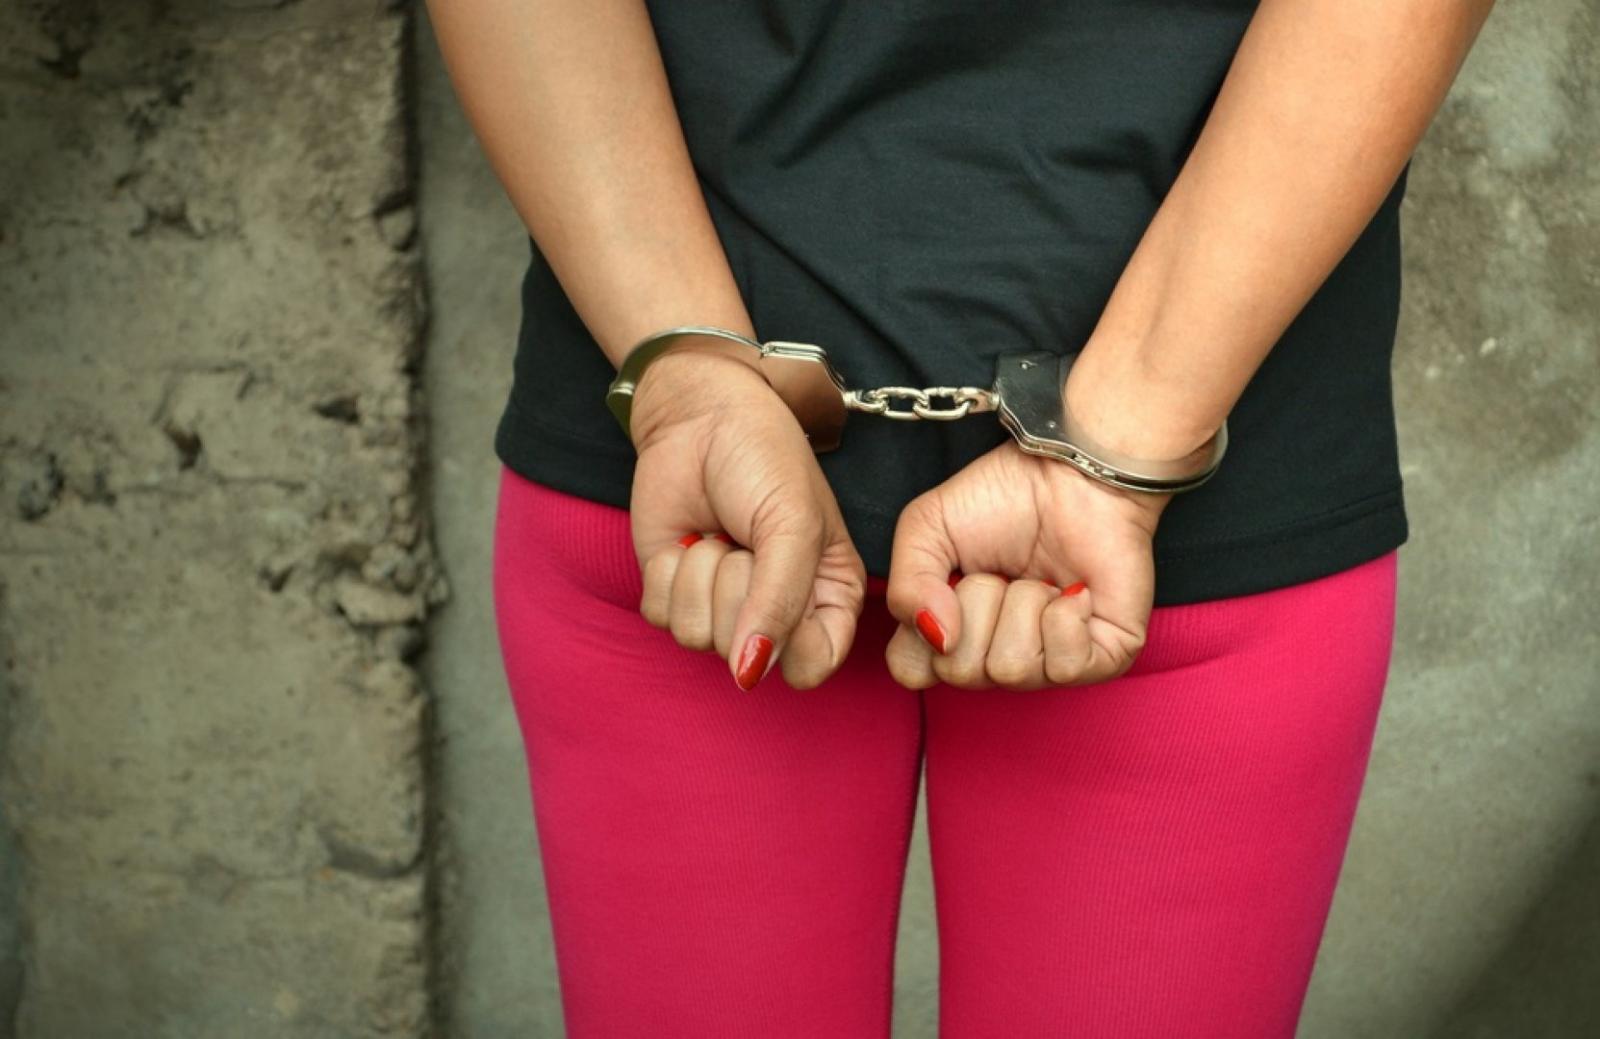 В Стародубе 26-летняя уголовница повесила кредит на пенсионерку